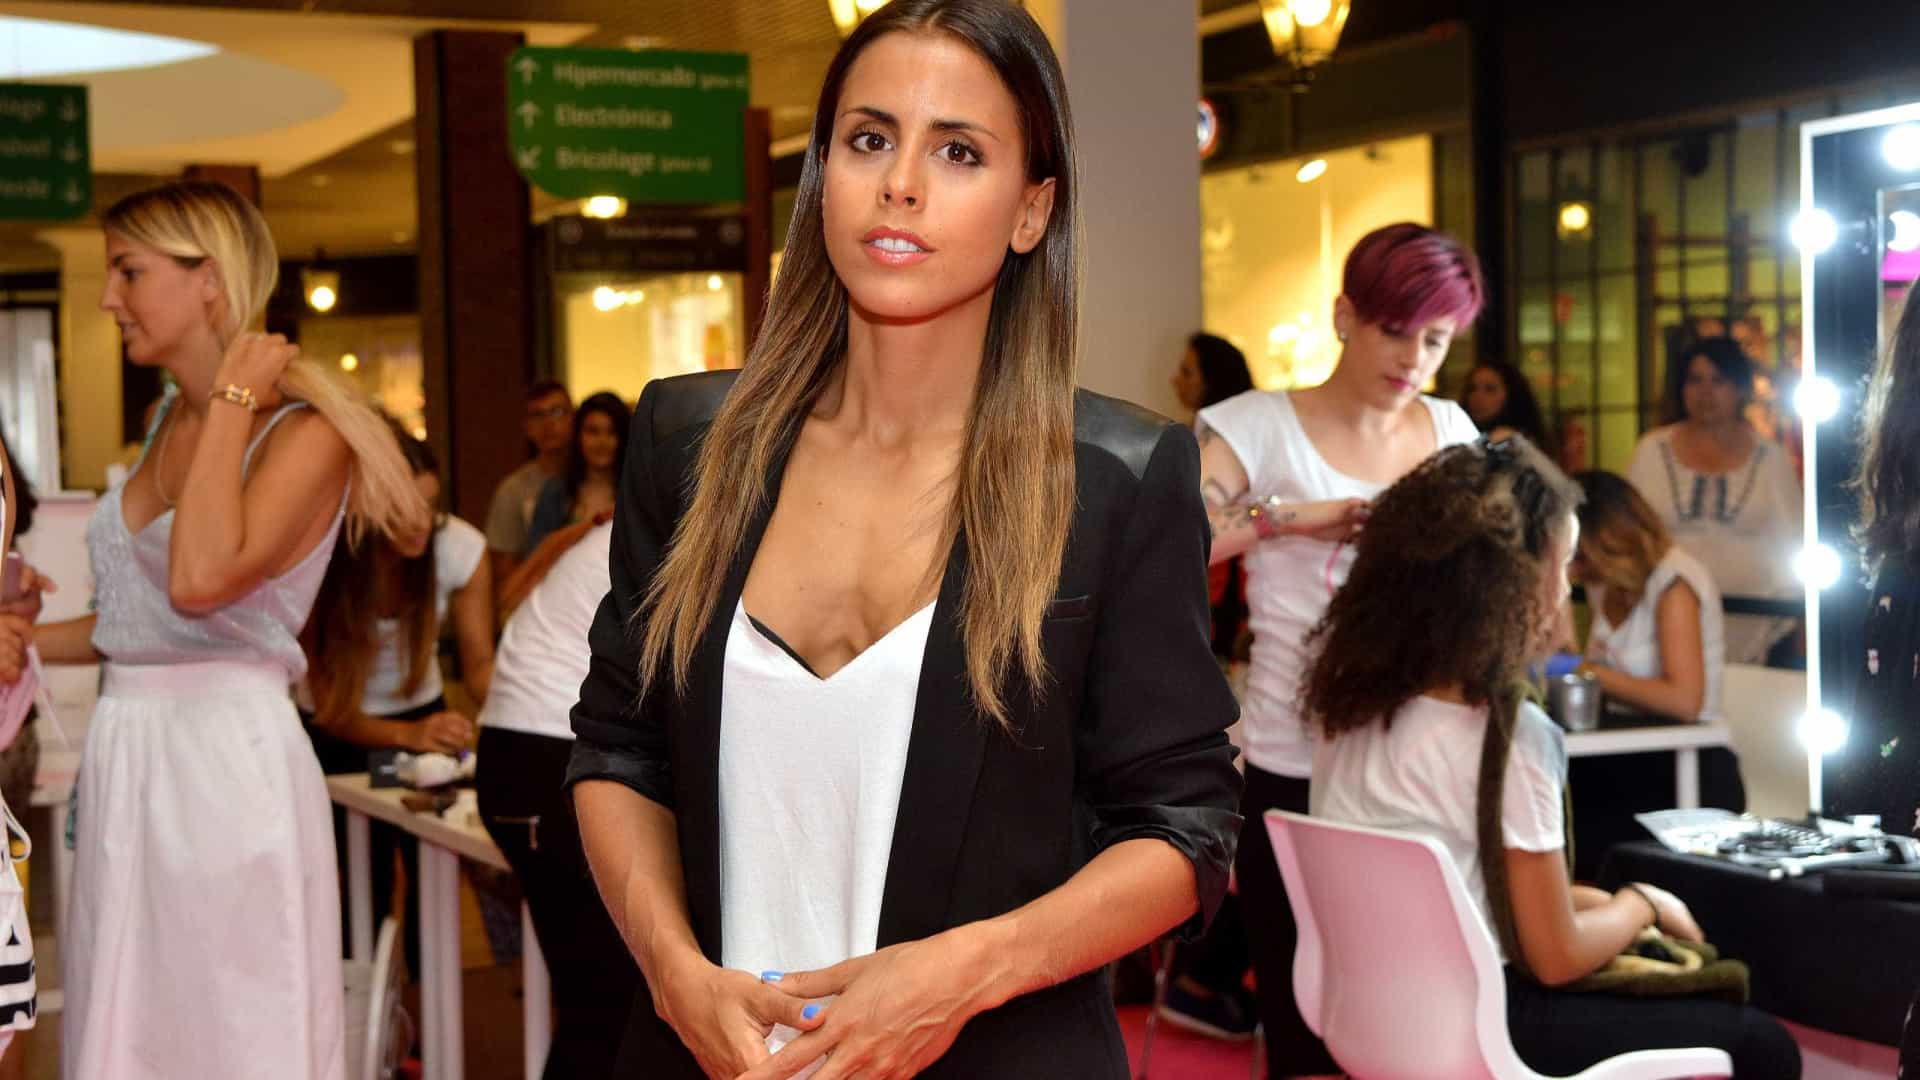 Carolina Patrocínio criticada... agora por causa do cabelo da filha